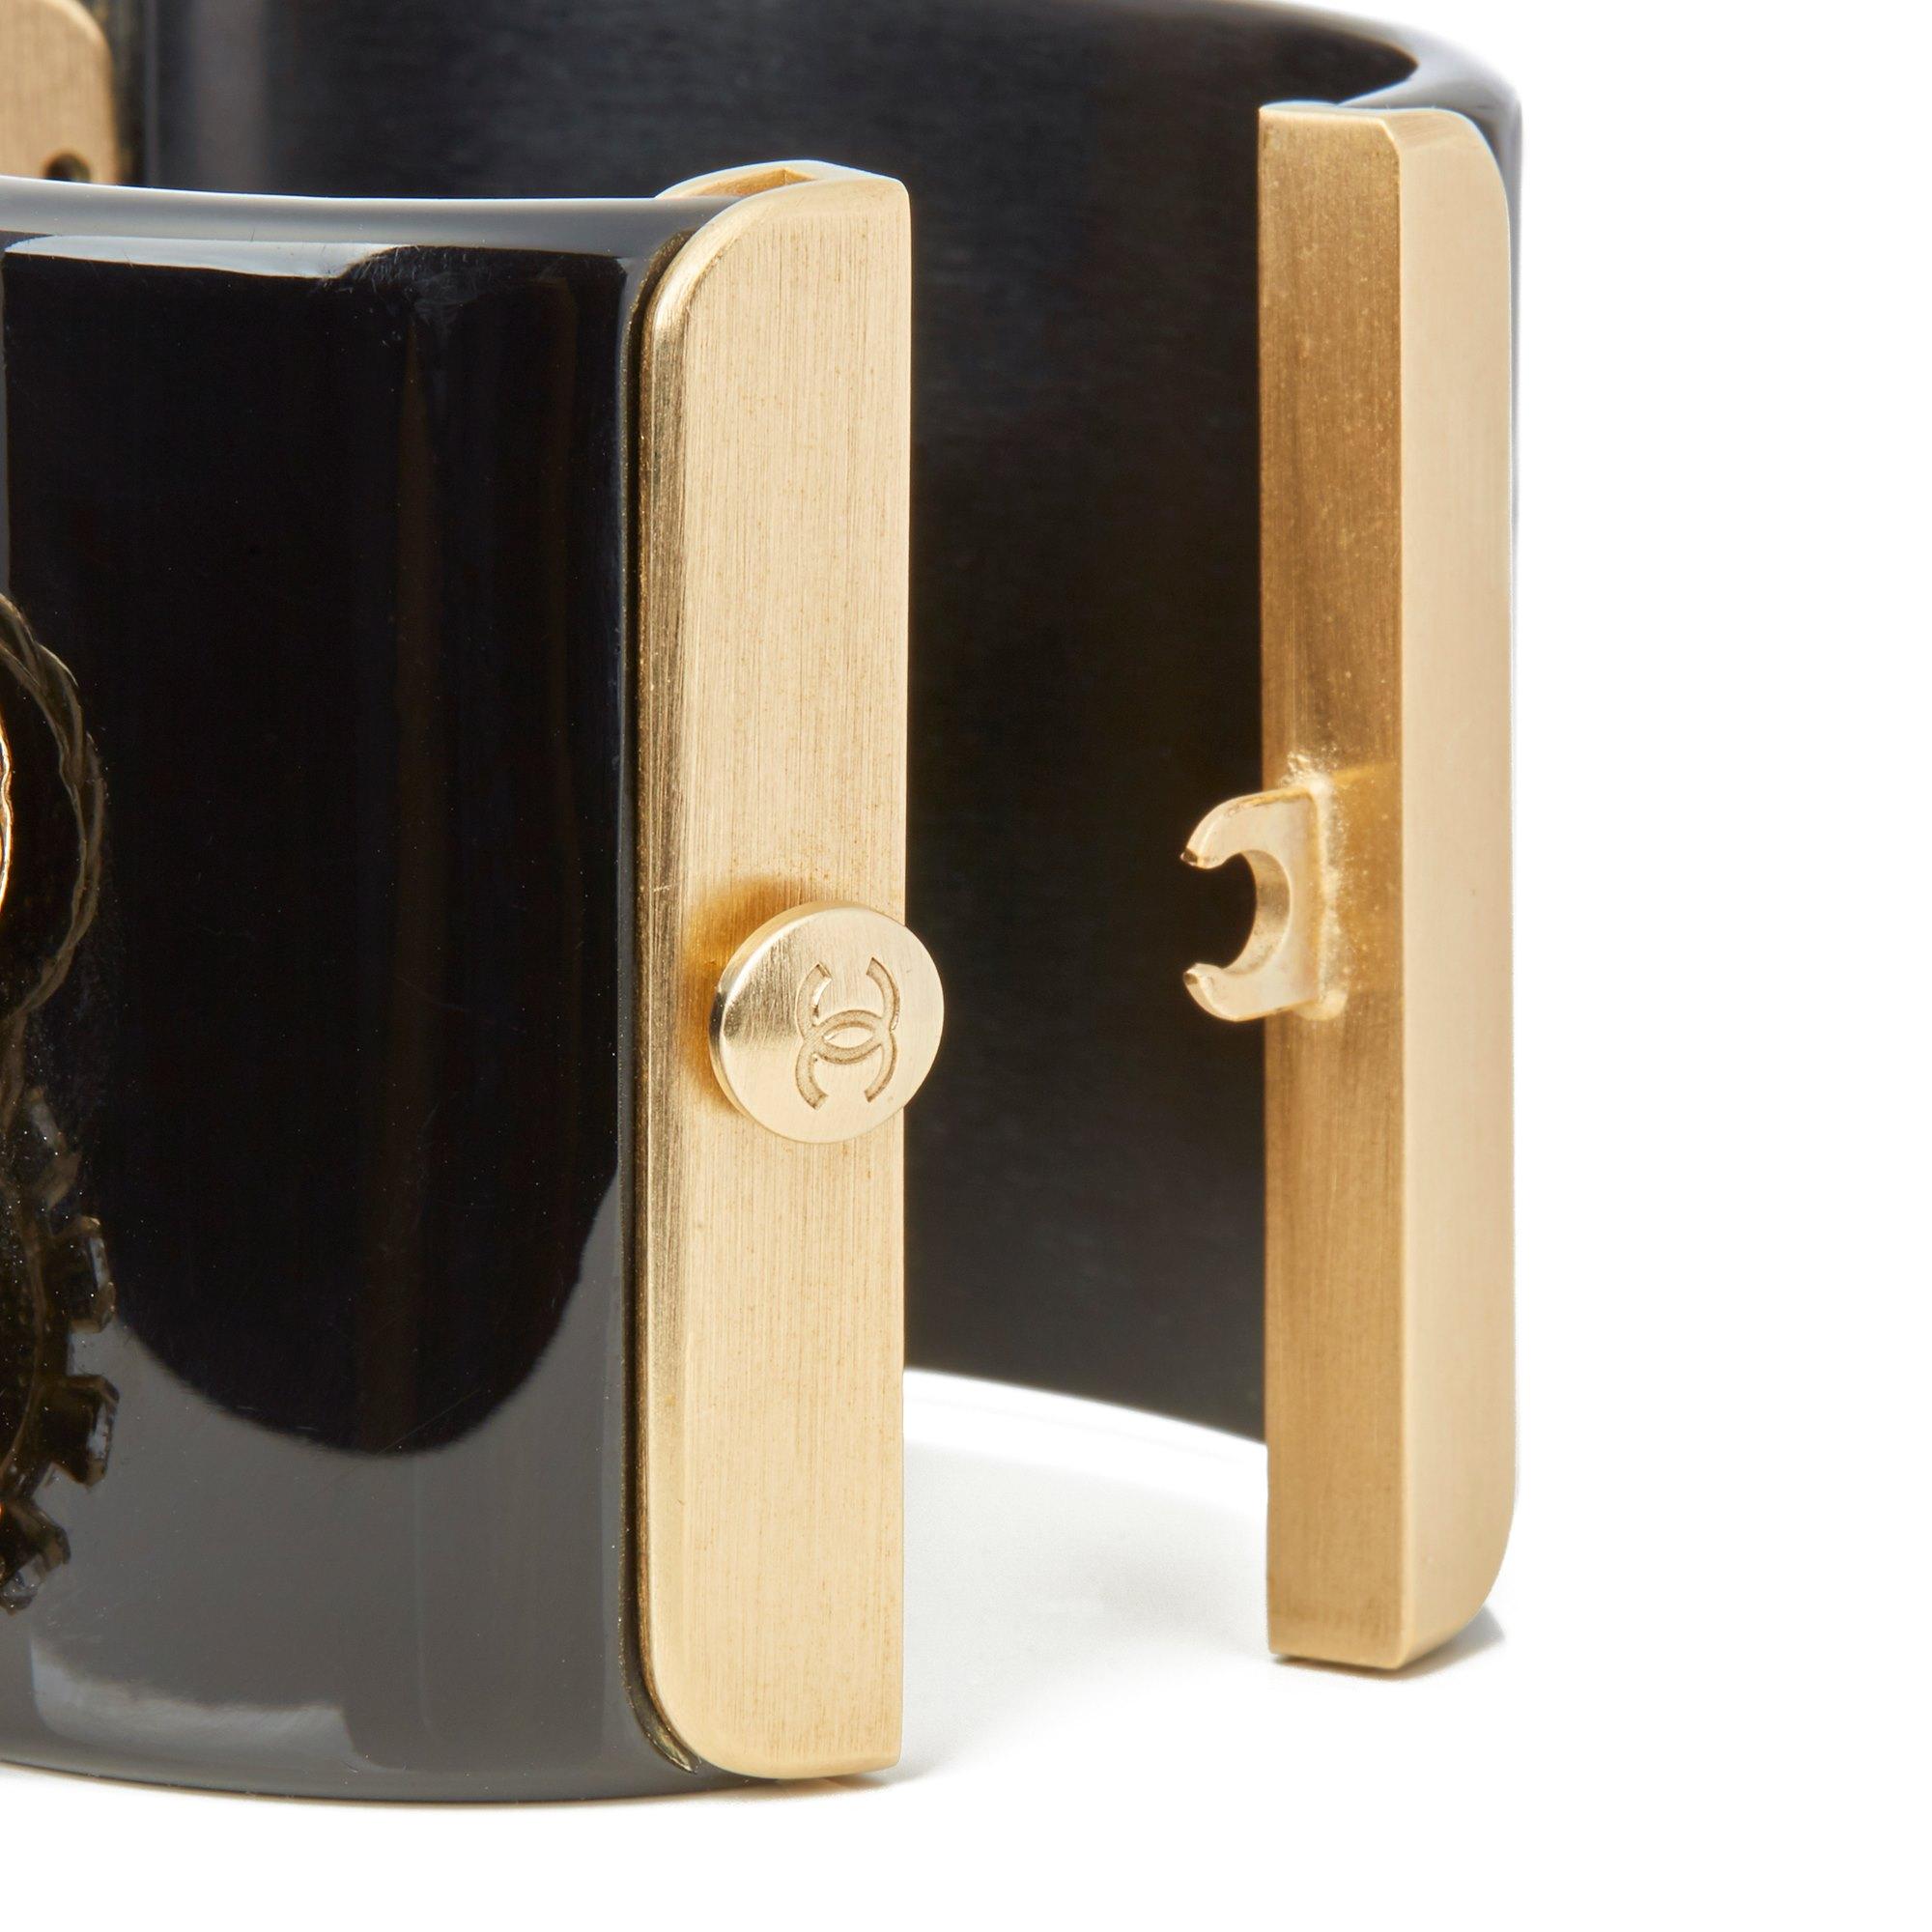 Chanel Gold Rue Cambon CC Cuff Bangle